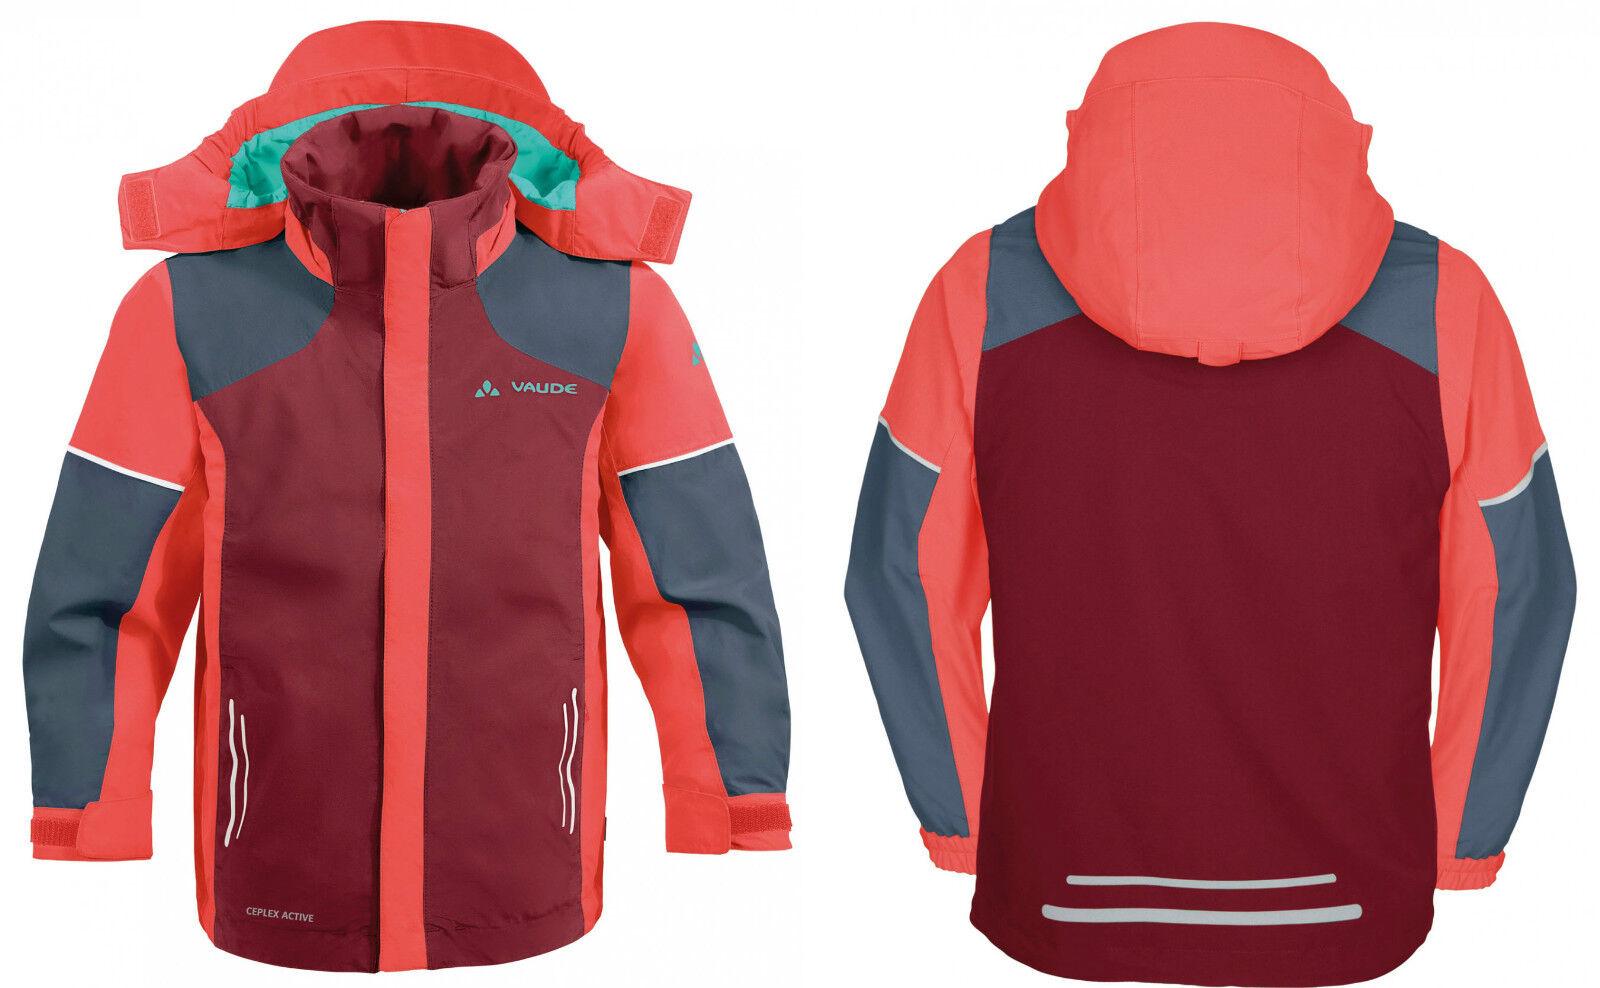 Vaude wetterfeste Outdoor Kinderjacke Kids Racoon Jacket III - Farbe Farbe Farbe lollipop 716d2c